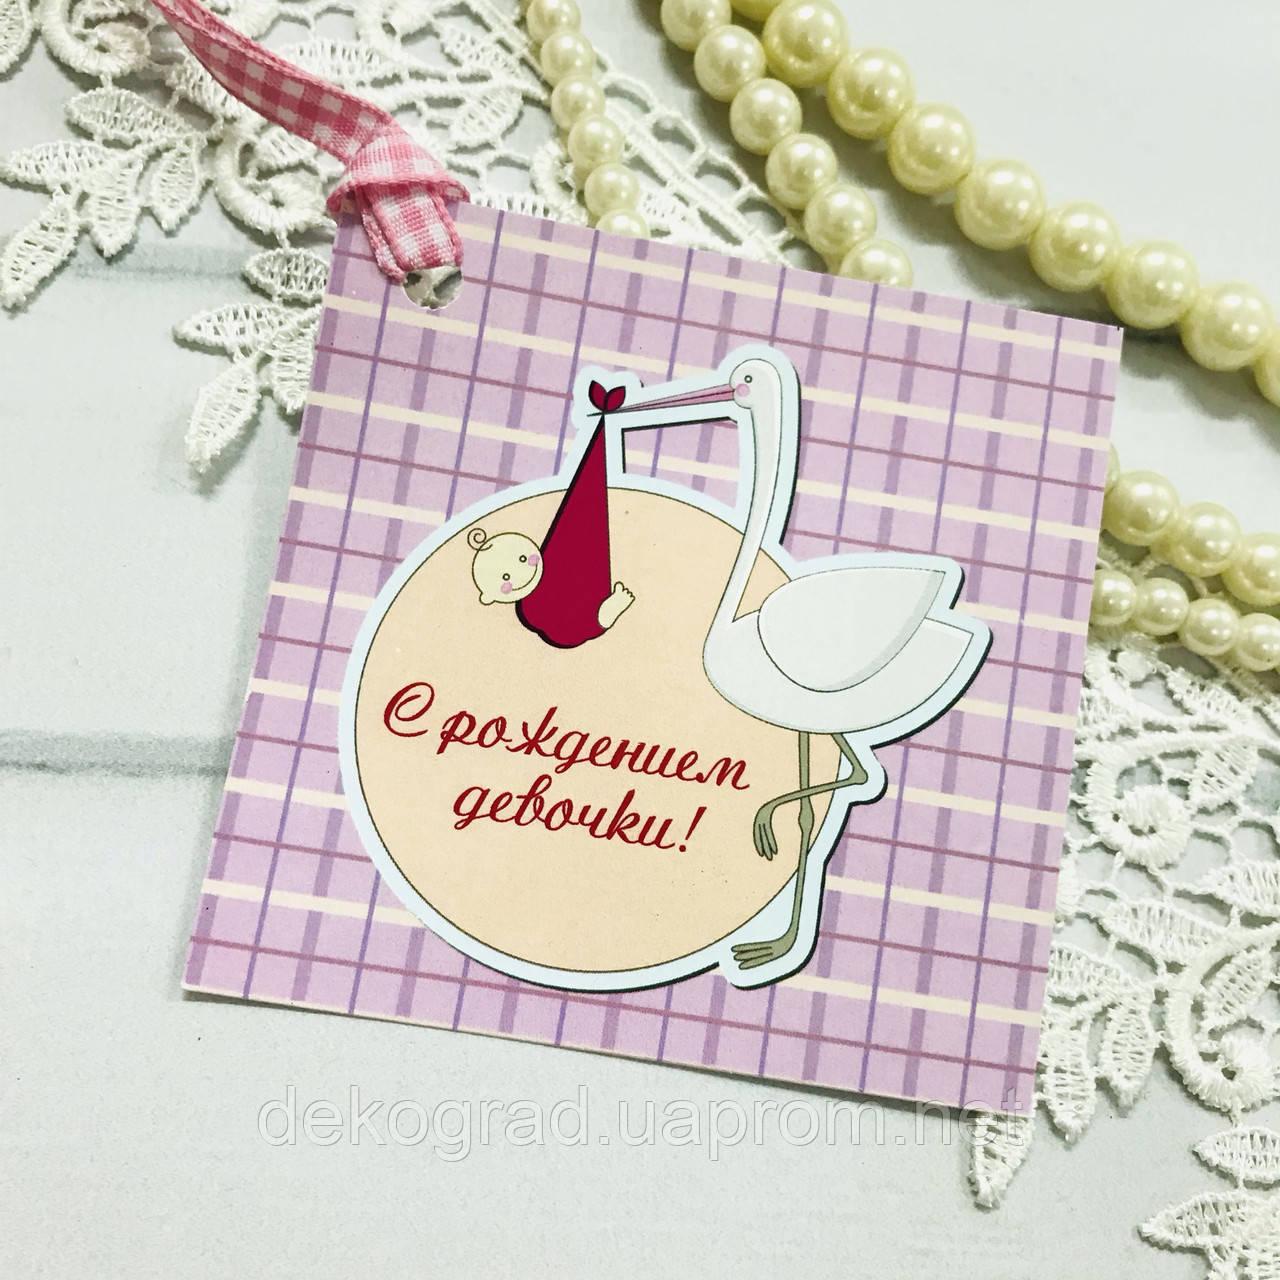 Бирка-открытка для упаковки подарков С рождением девочки! 8x8 см